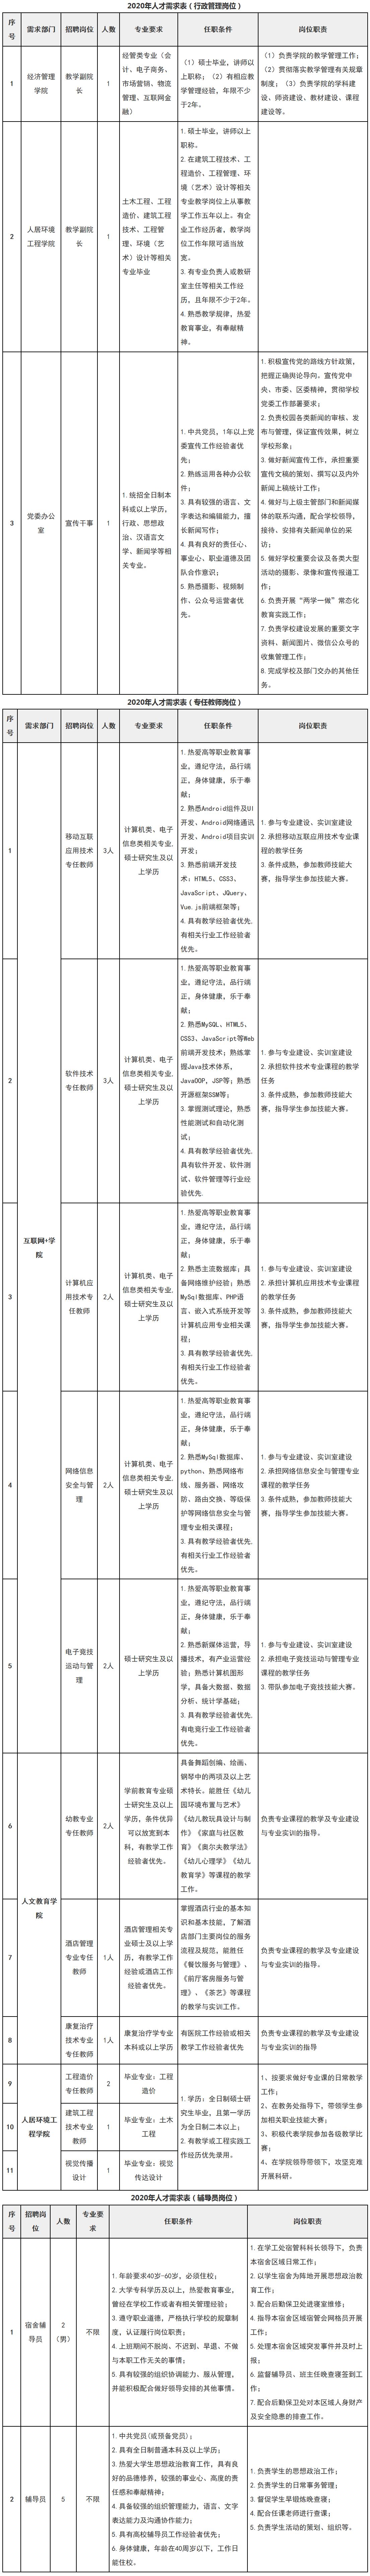 2020武汉光谷职业学院人才招聘公告【23人】